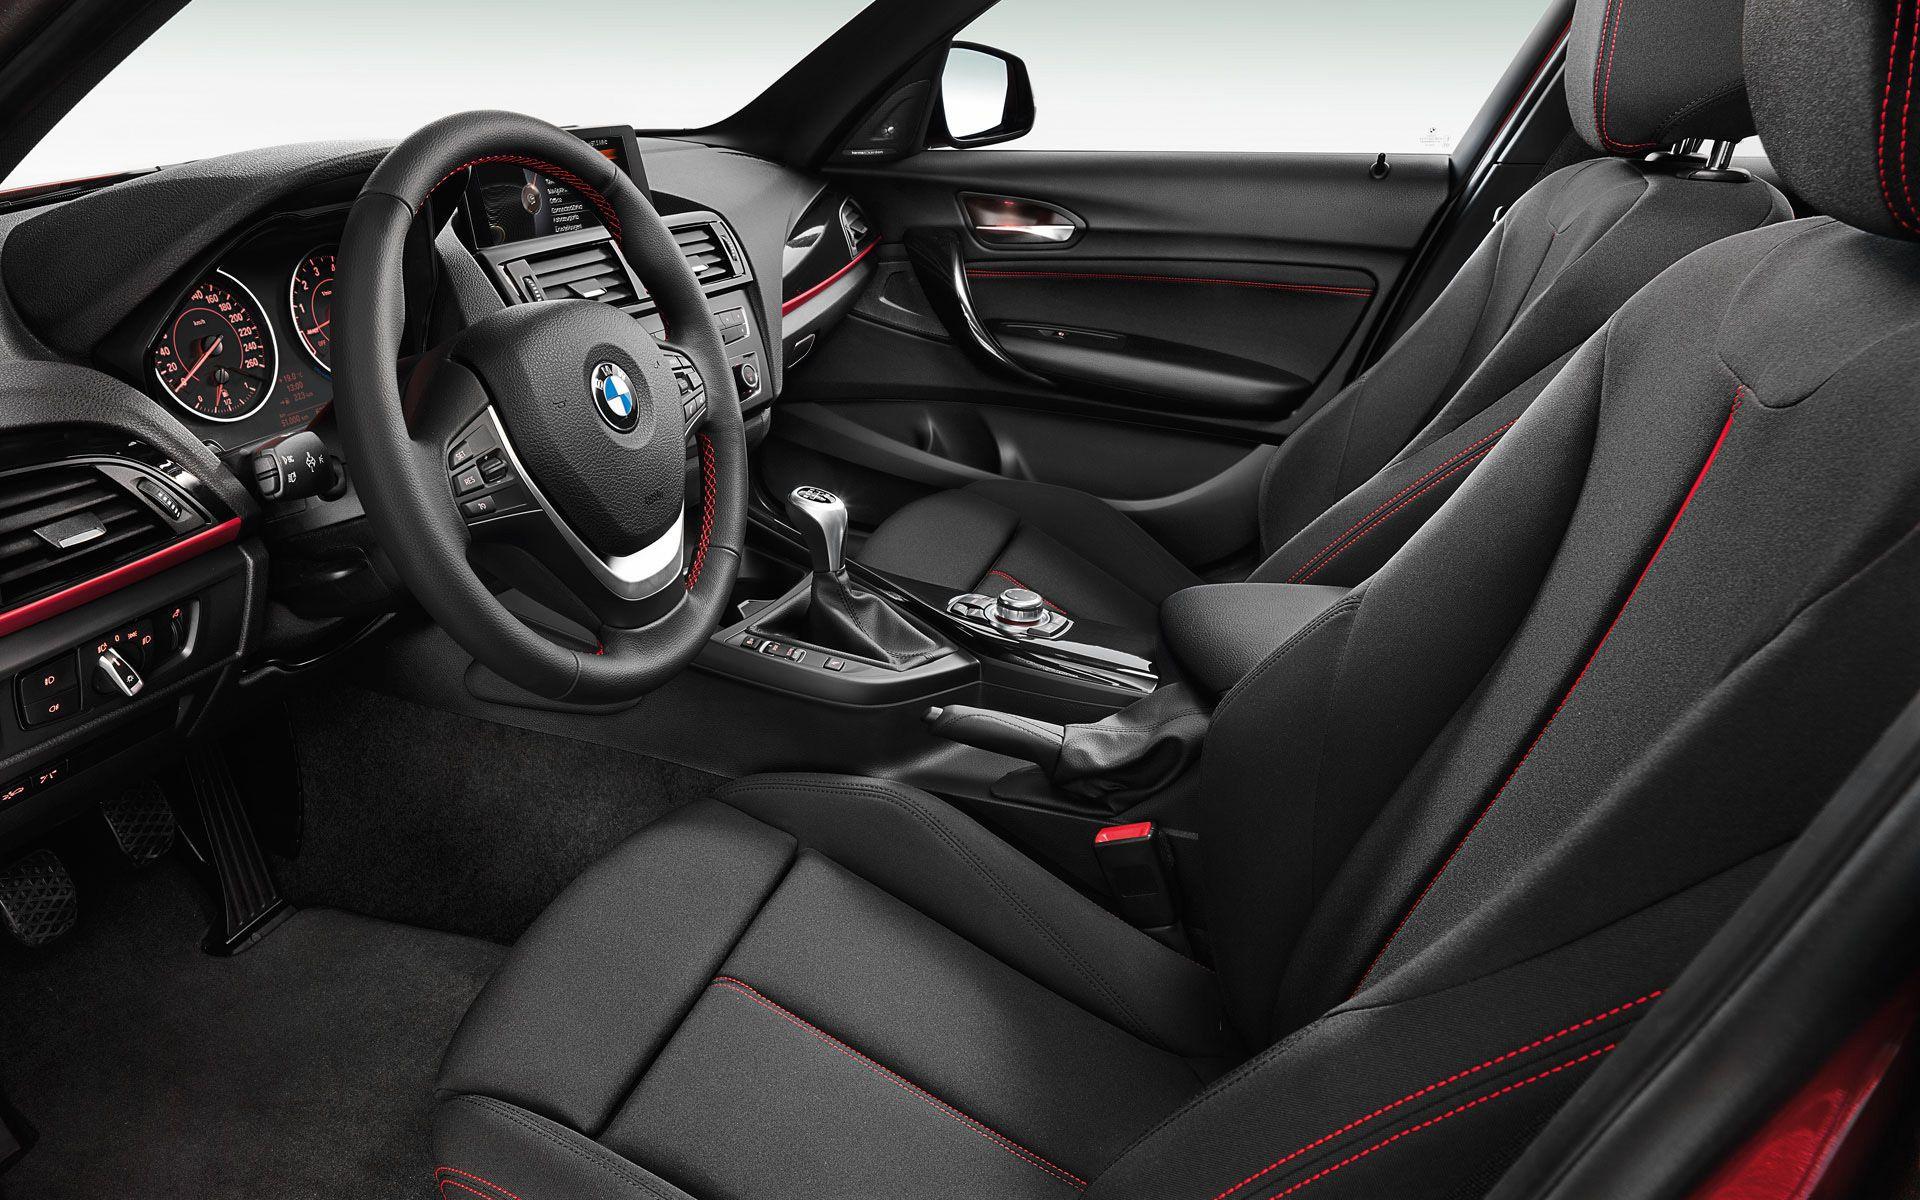 2013 BMW 1 Series Hatchback, car, wallpaper, interior